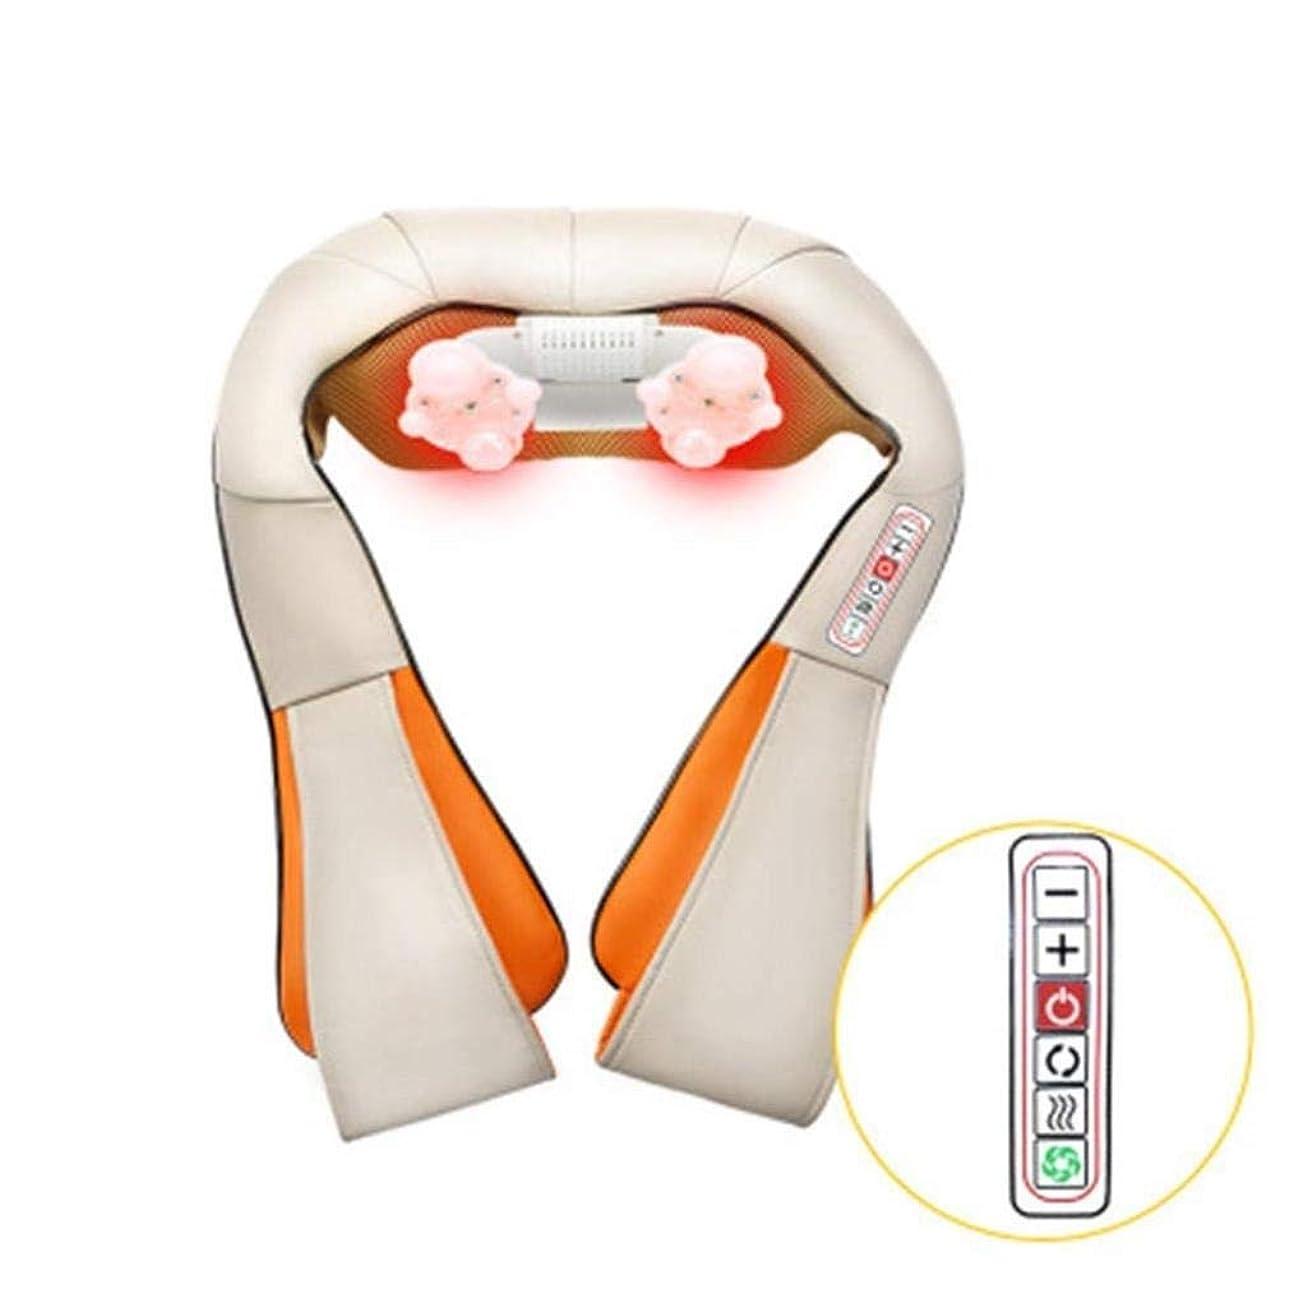 日付付きスティック韻首のマッサージャー、首と背中の肩のマッサージャー、揉みマッサージ枕、足のマッサージ - 緊張の筋肉を和らげる、血液循環、睡眠を改善する (Color : White)